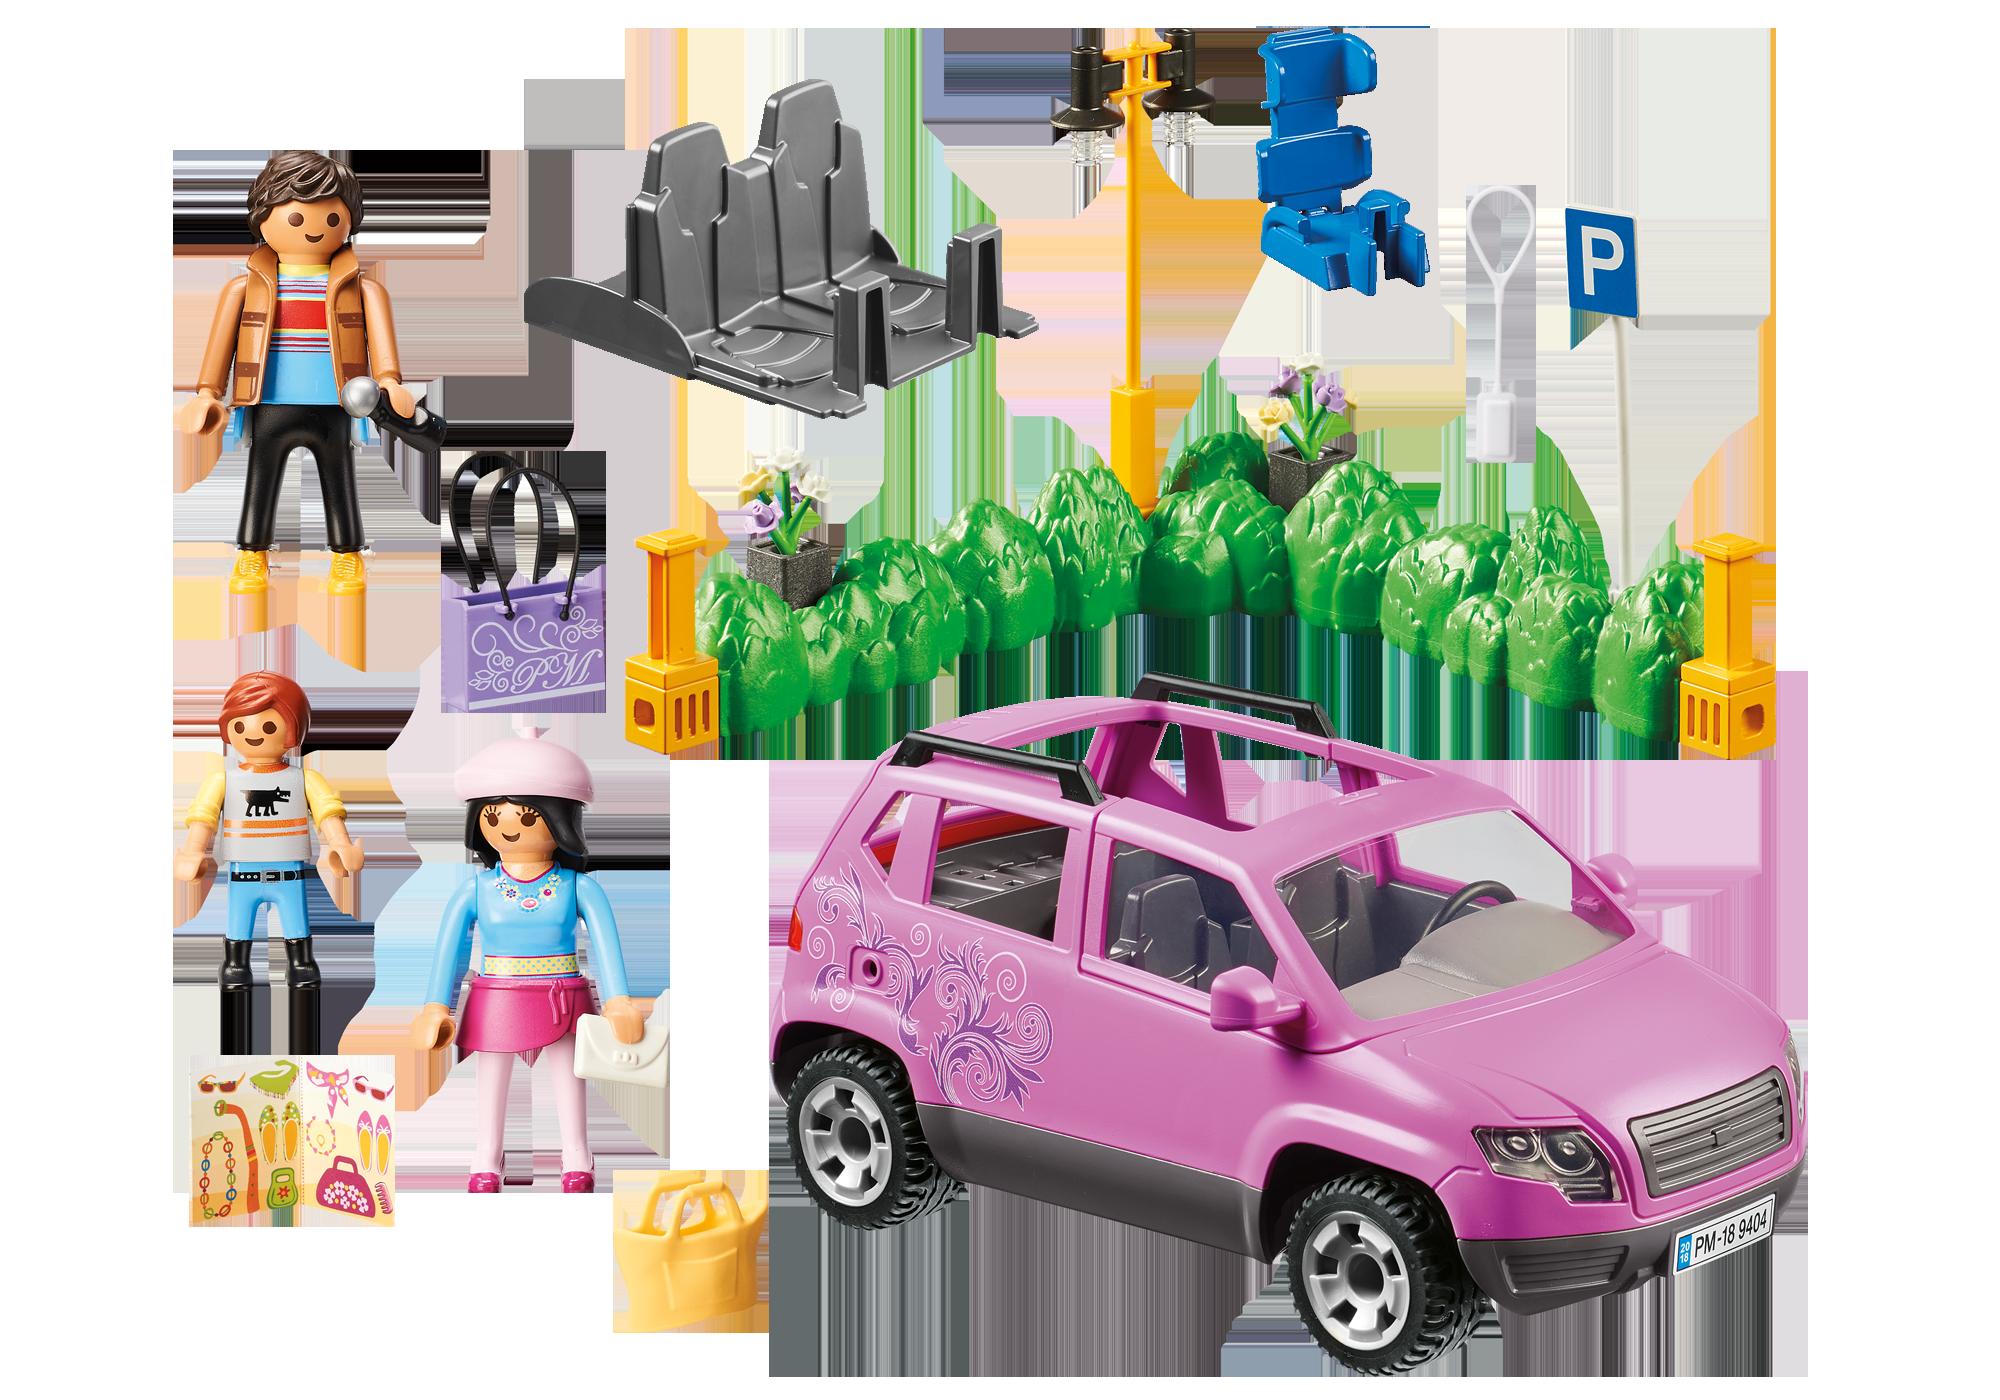 Voiture Familiale 9404 Playmobil 174 Suisse